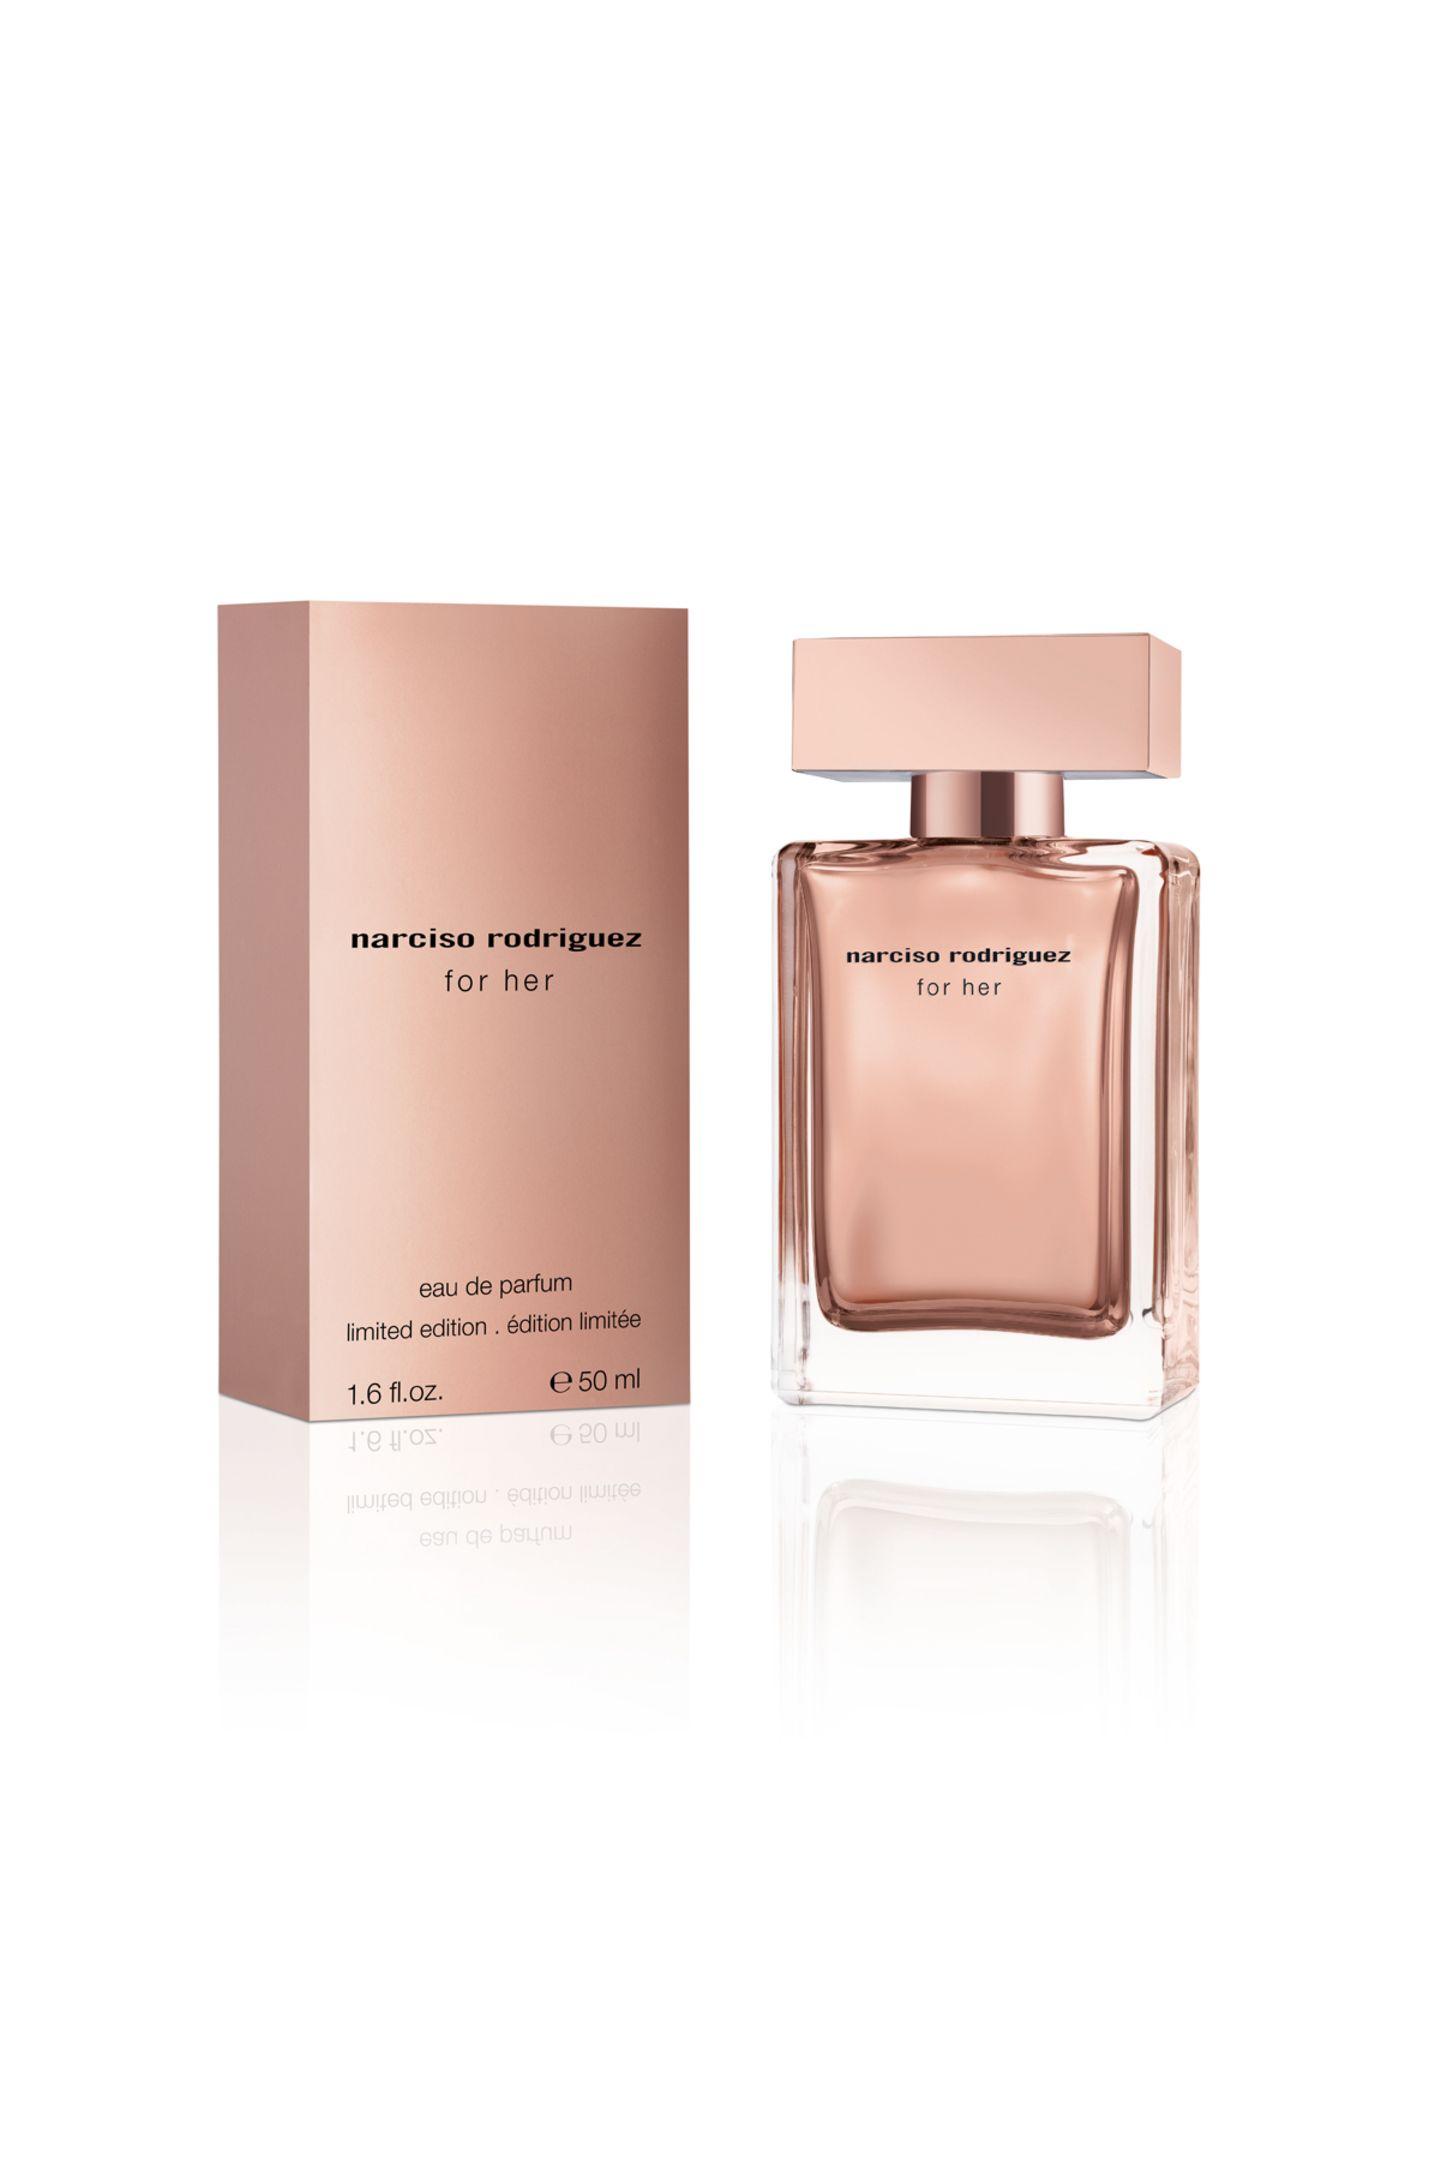 """Liebhaber des ikonischen """"for her""""-Parfums von Narciso Rodriguez freuen sich über diese luxuriöse Xmas-Edition in Roségold ganz besonders. Ca. 84 Euro."""